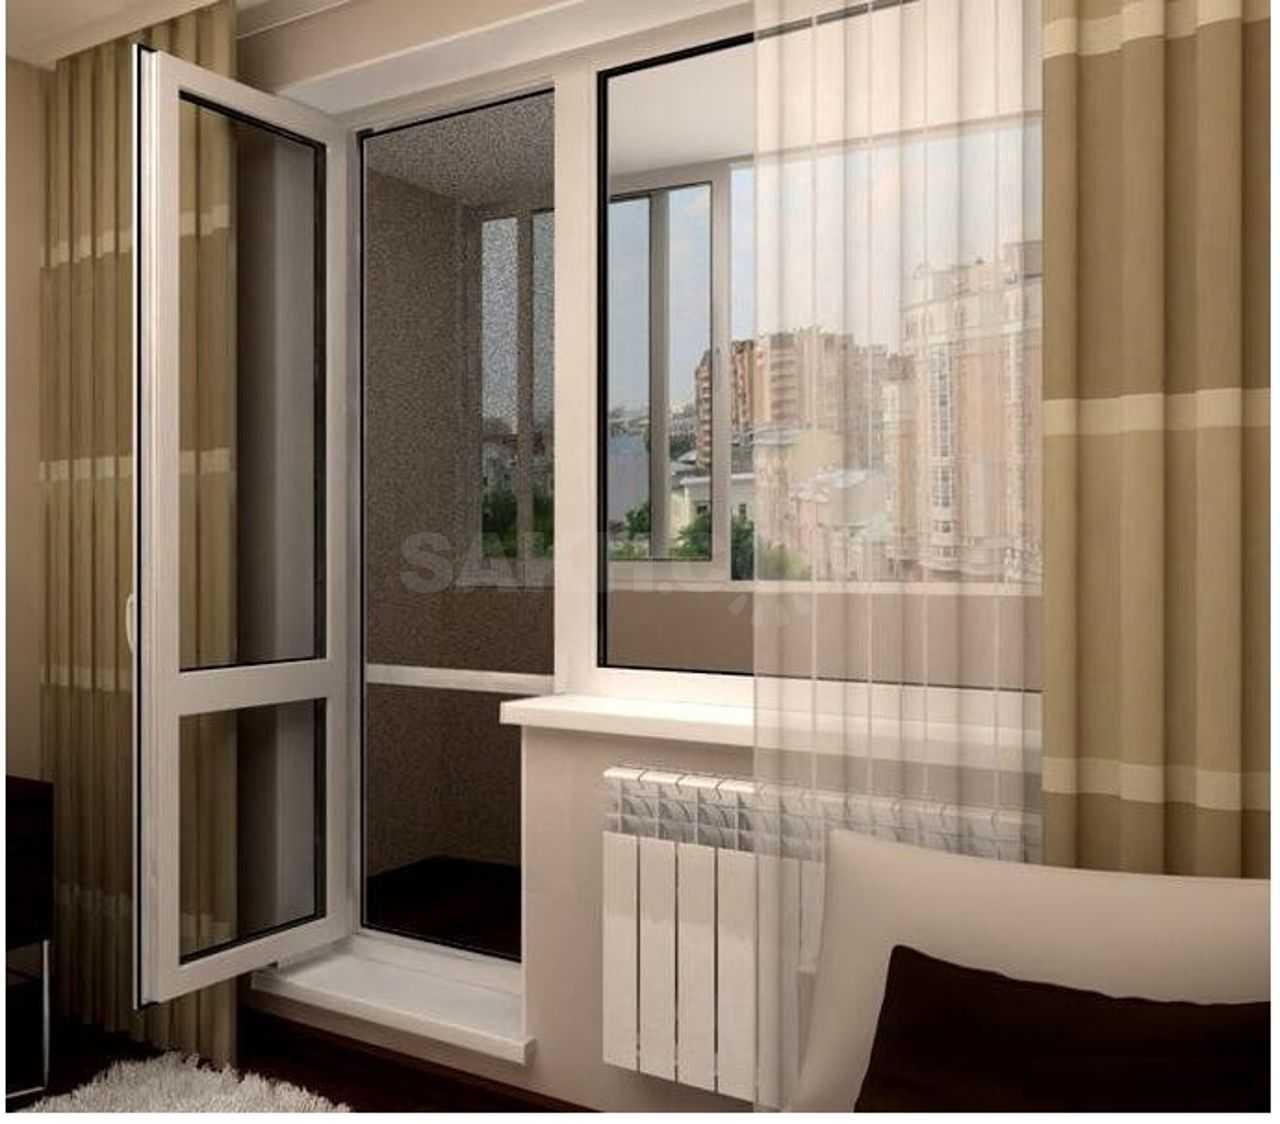 Какие окна лучше ставить в частный дом, квартиру — разбираемся вместе